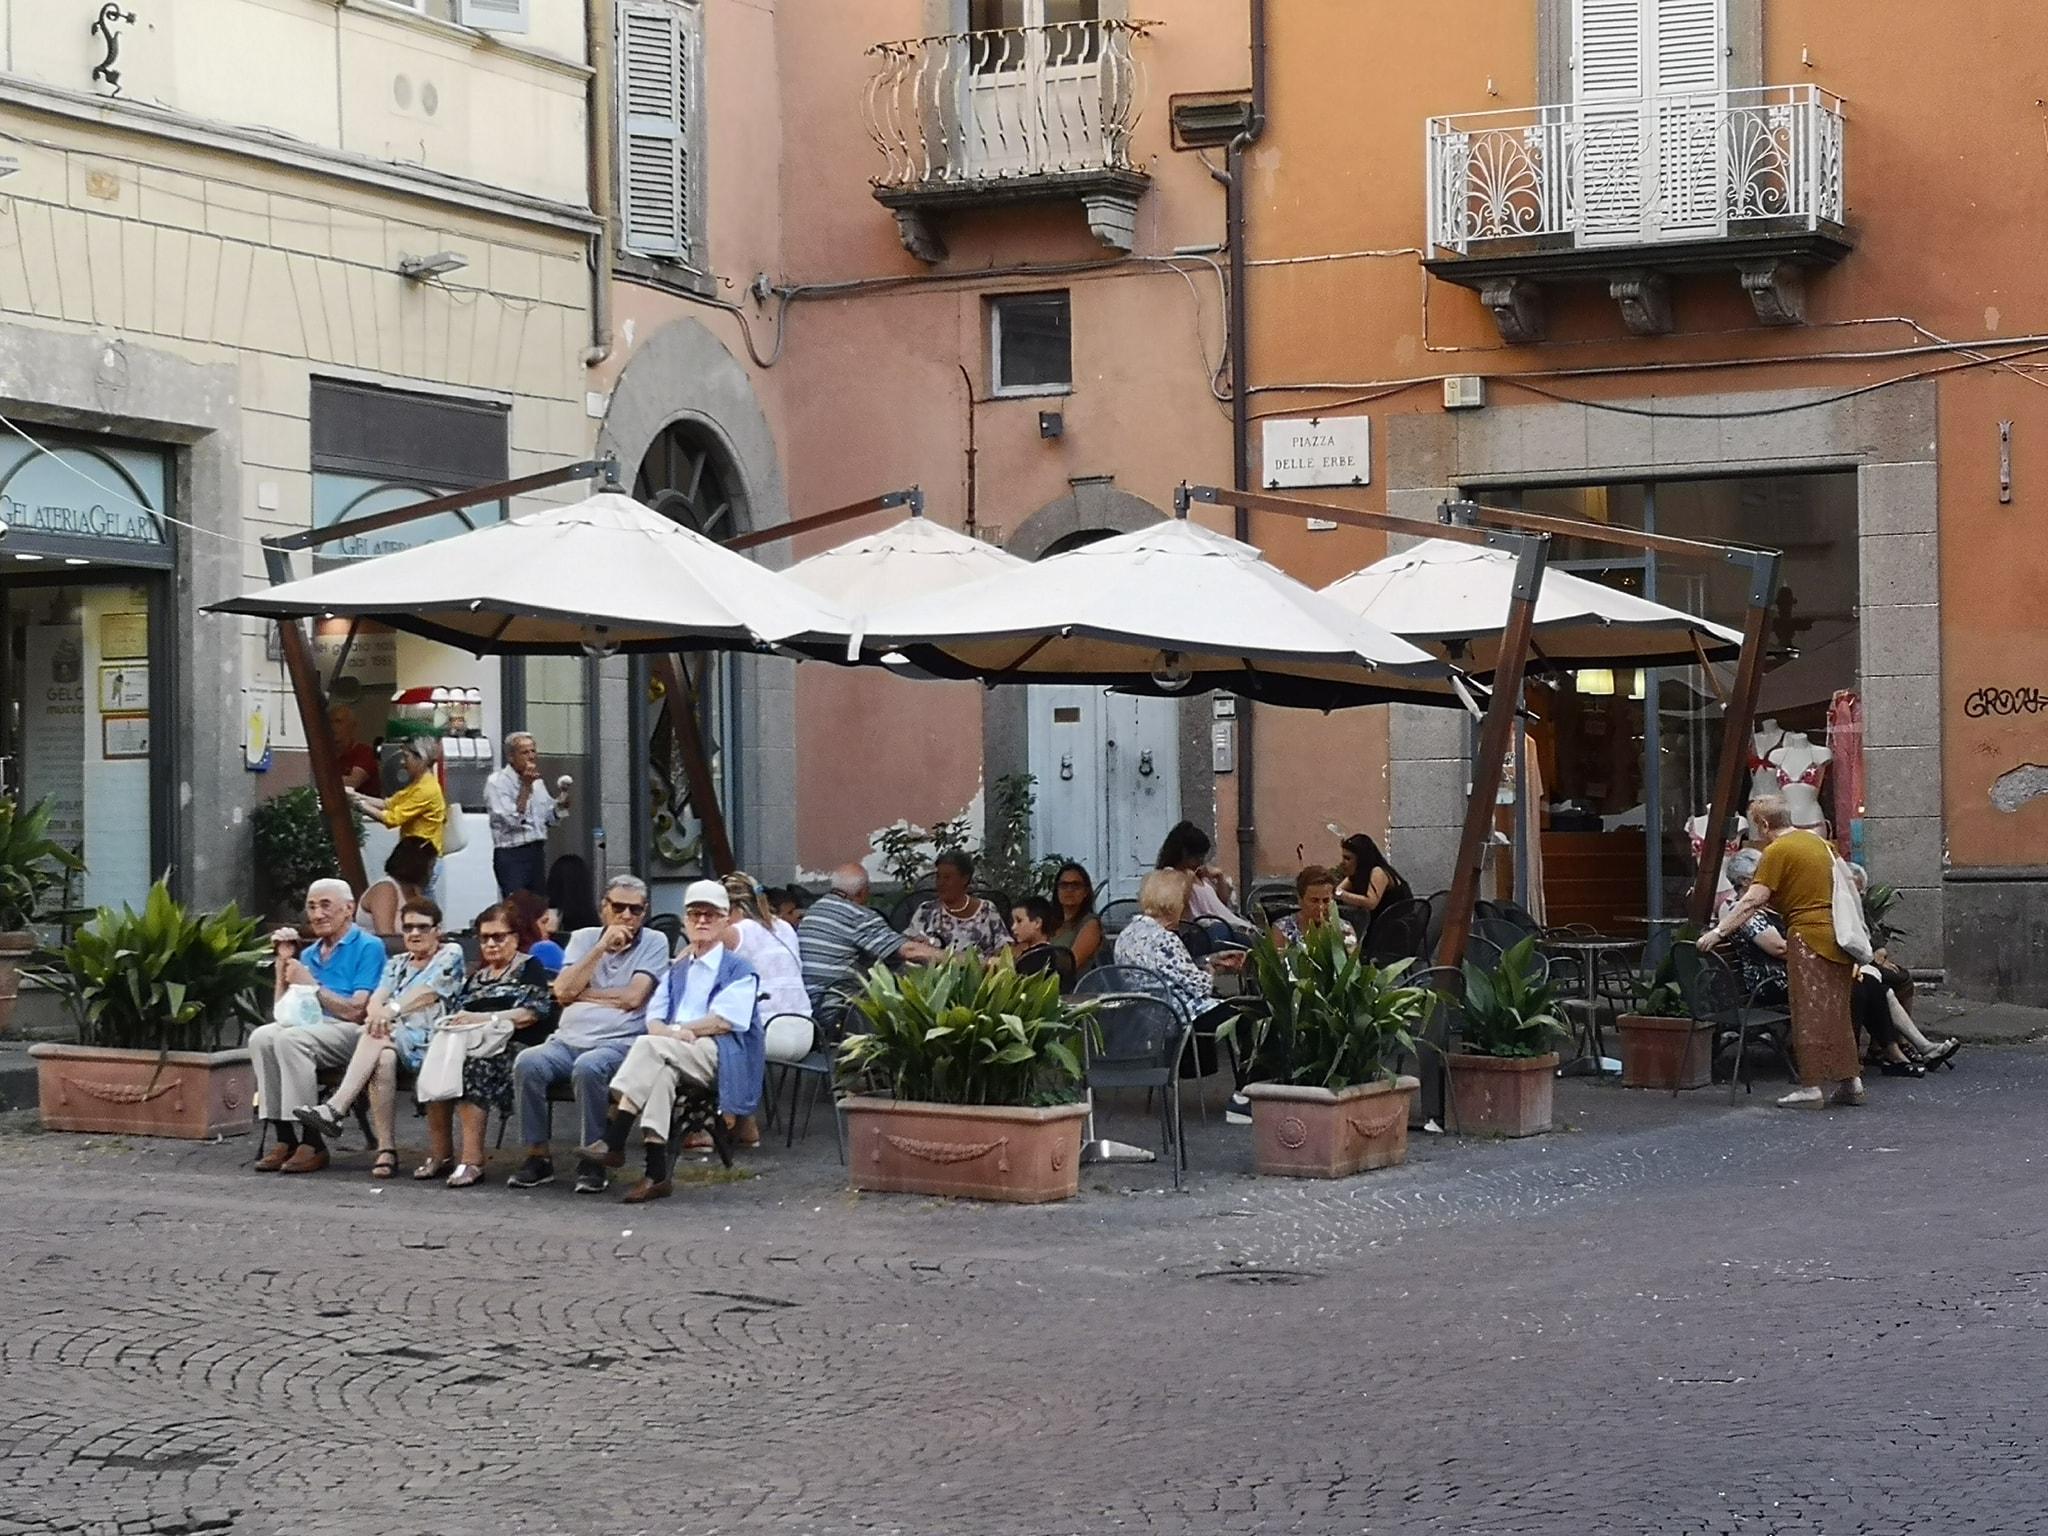 """Viterbo, a Piazza delle Erbe ridotte anche le panchine per gli anziani, centro sempre più mortificato da """"Arena e i cementificatori"""" che continuano a oltraggiare la città"""